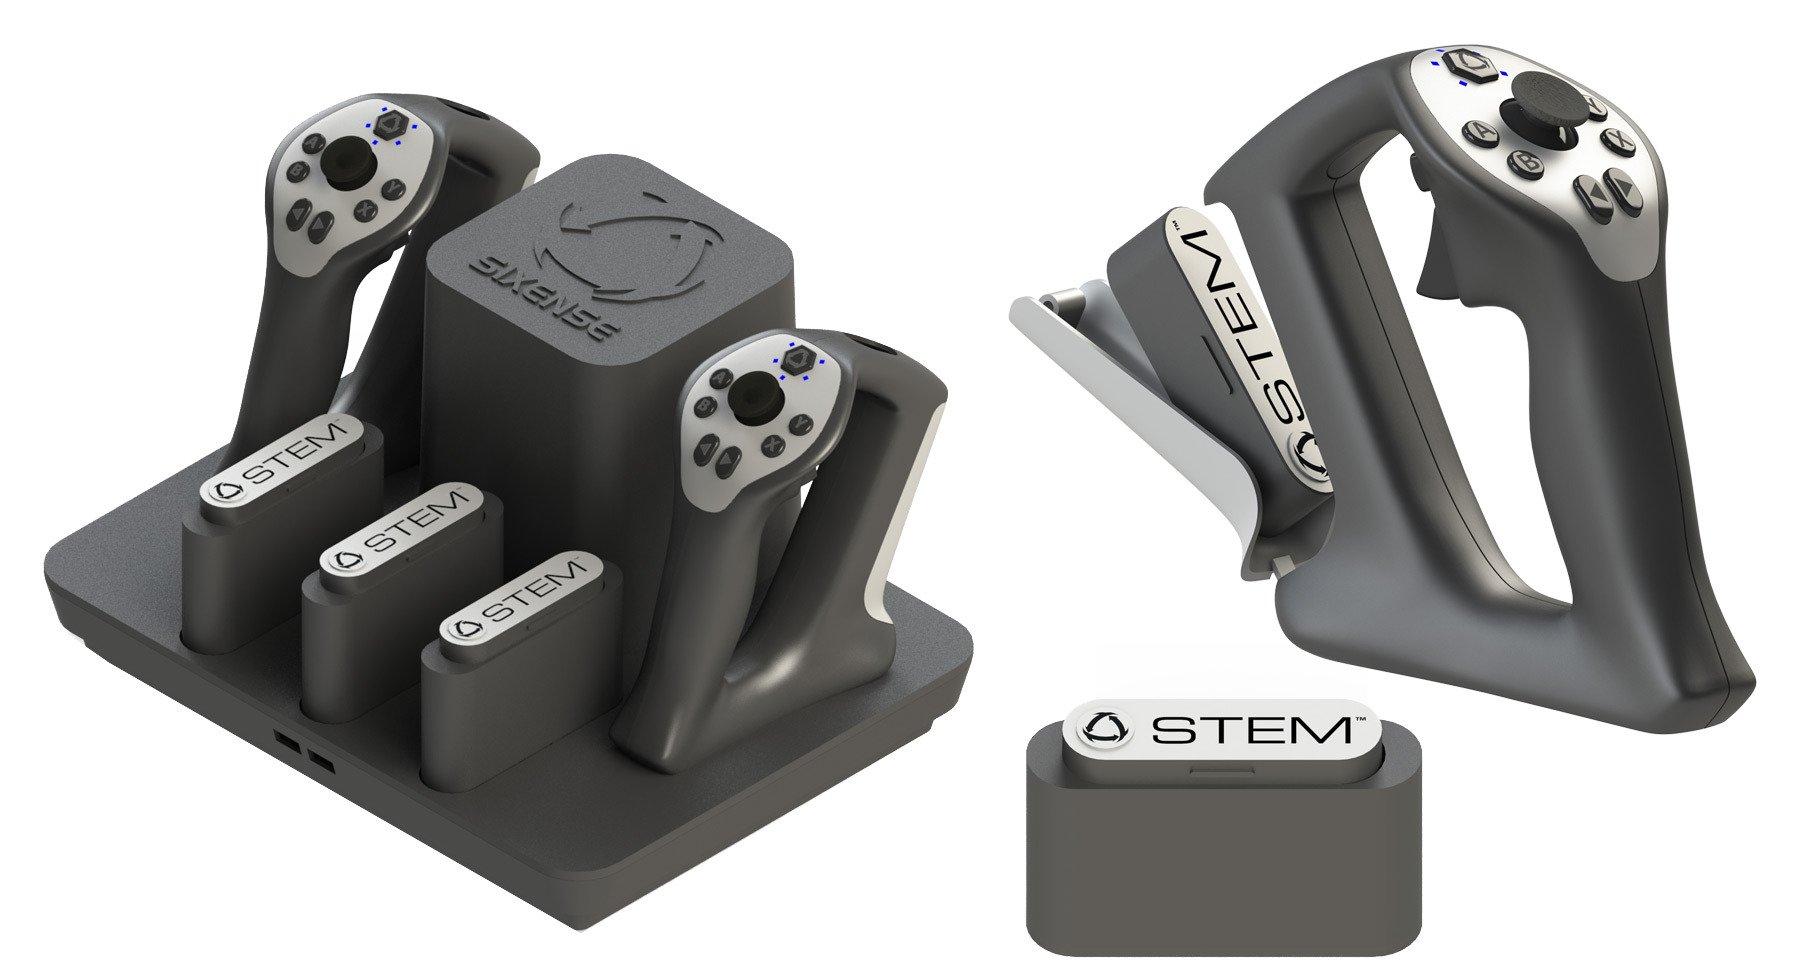 Демонстрацией контроллеров STEM VR. - Изображение 1